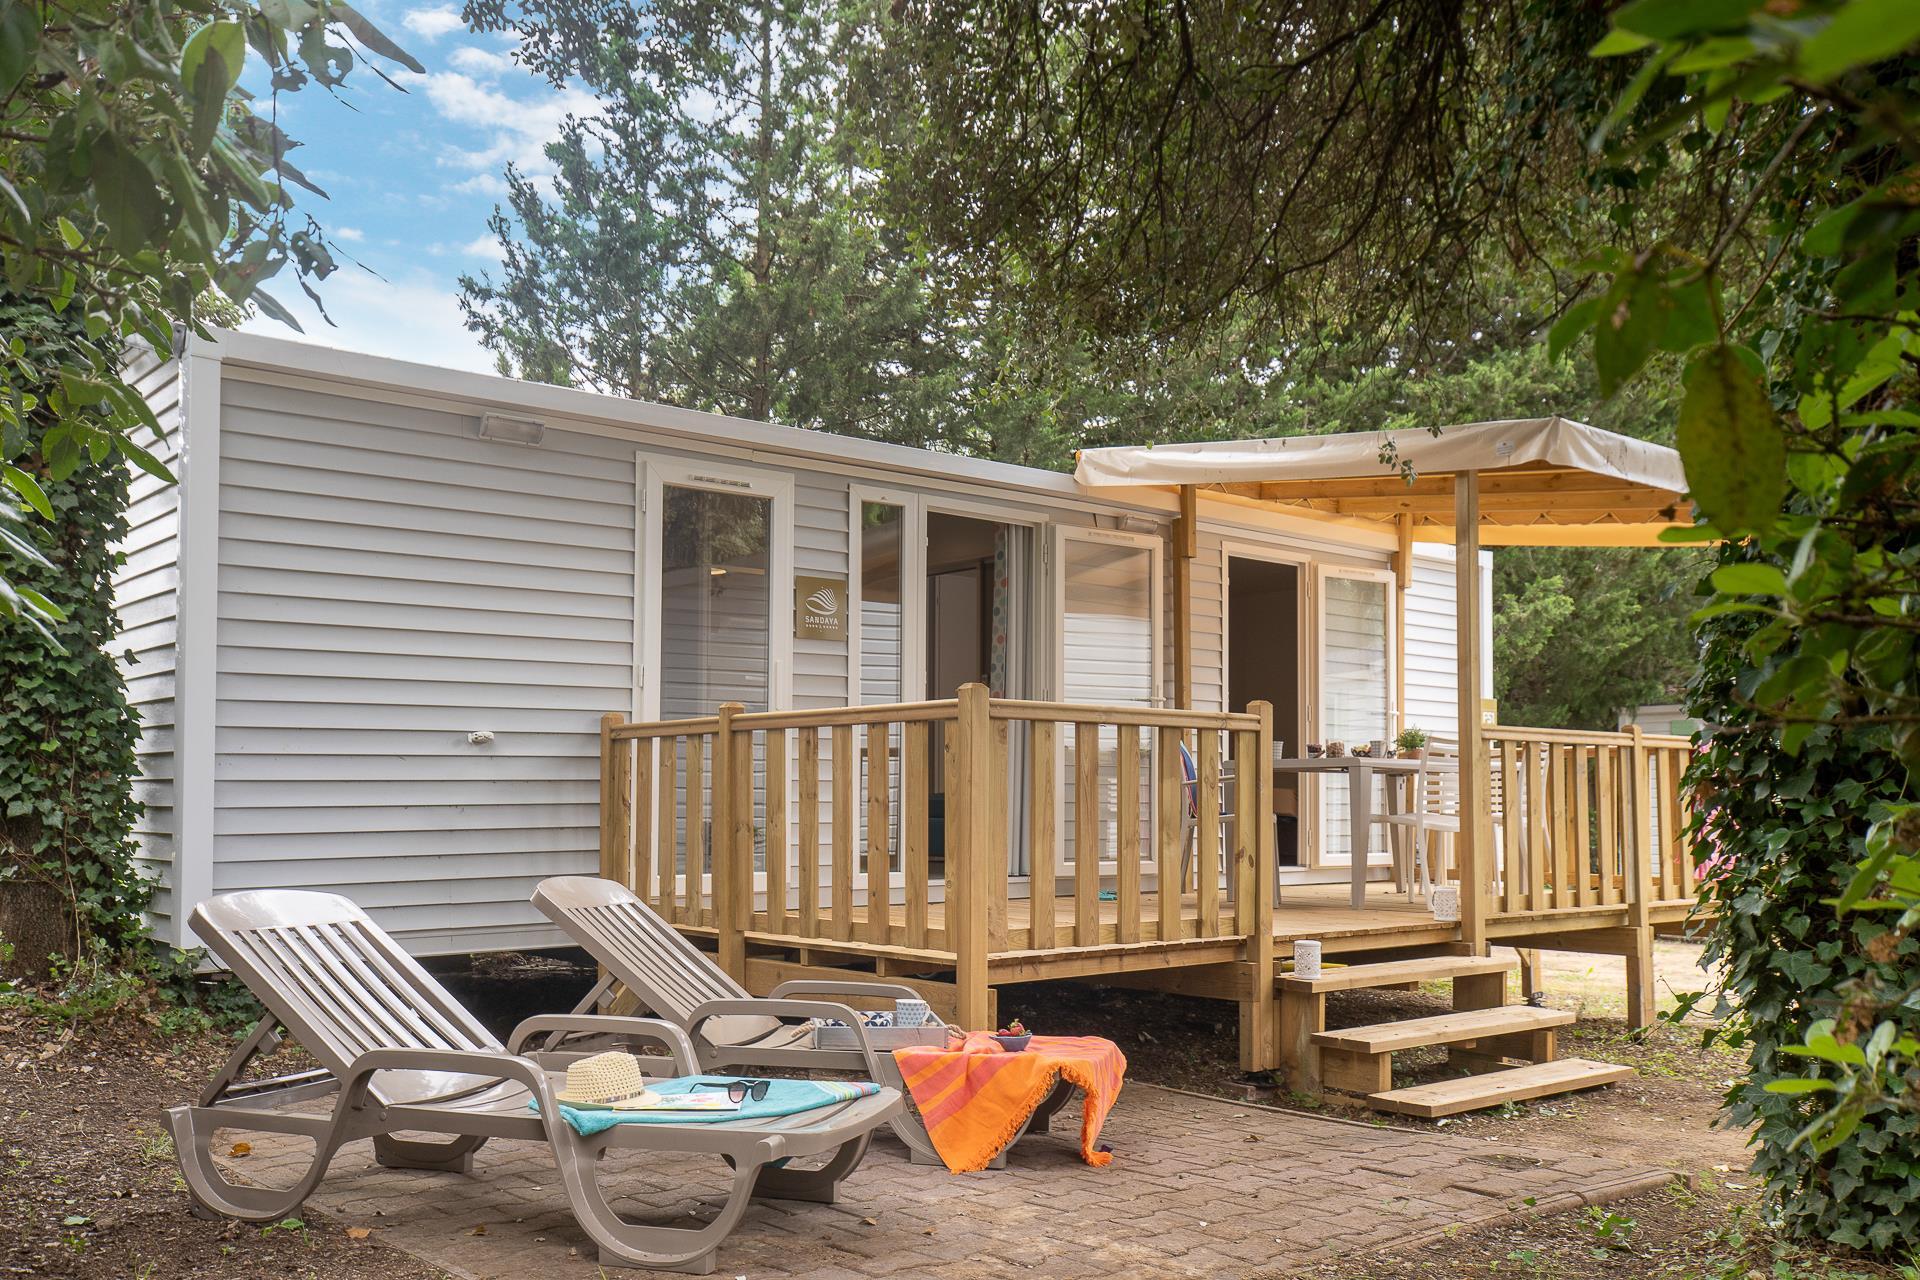 Location - Cottage 2 Chambres 2 Salles De Bain Climatisé**** - Camping Sandaya Plein Air des Chênes